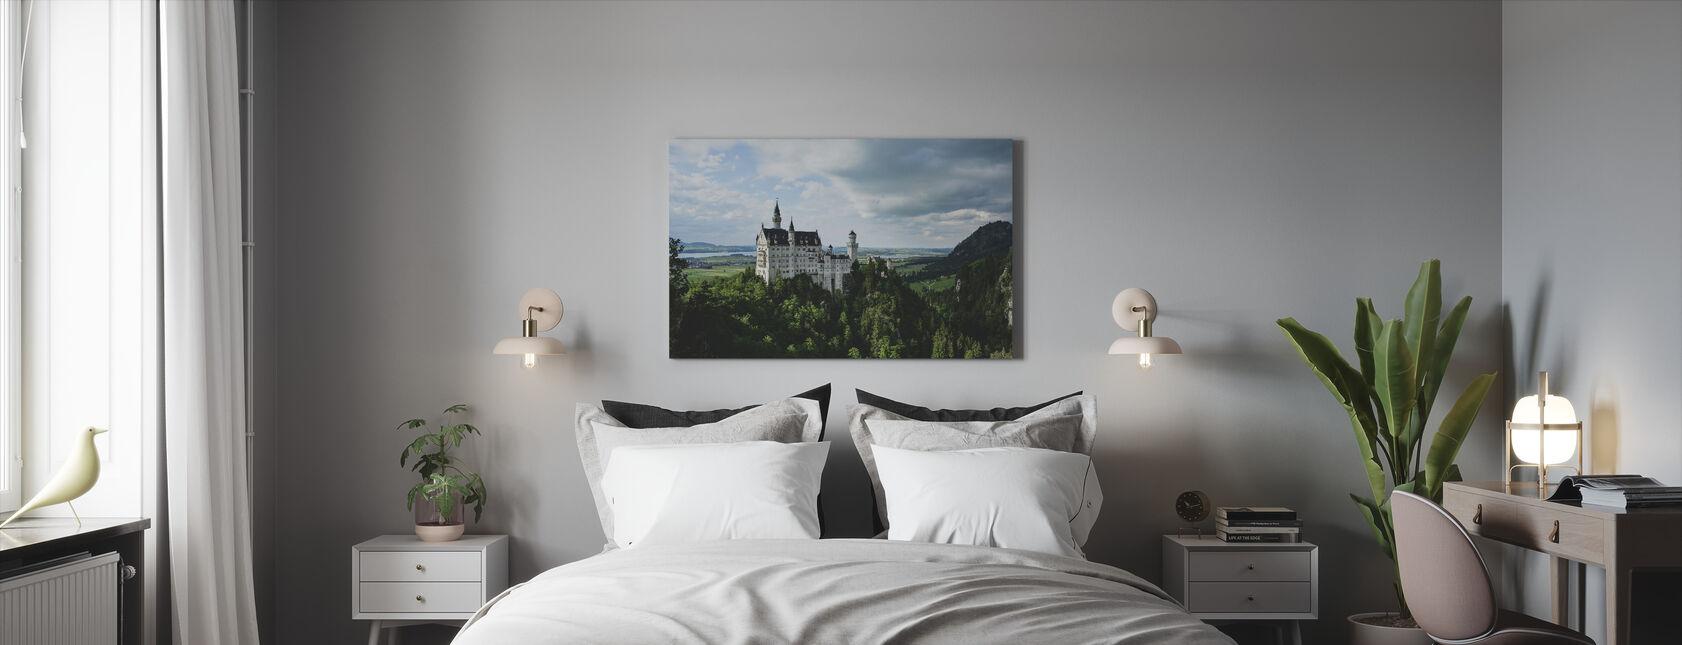 Neuschwanstein slott - Canvastavla - Sovrum